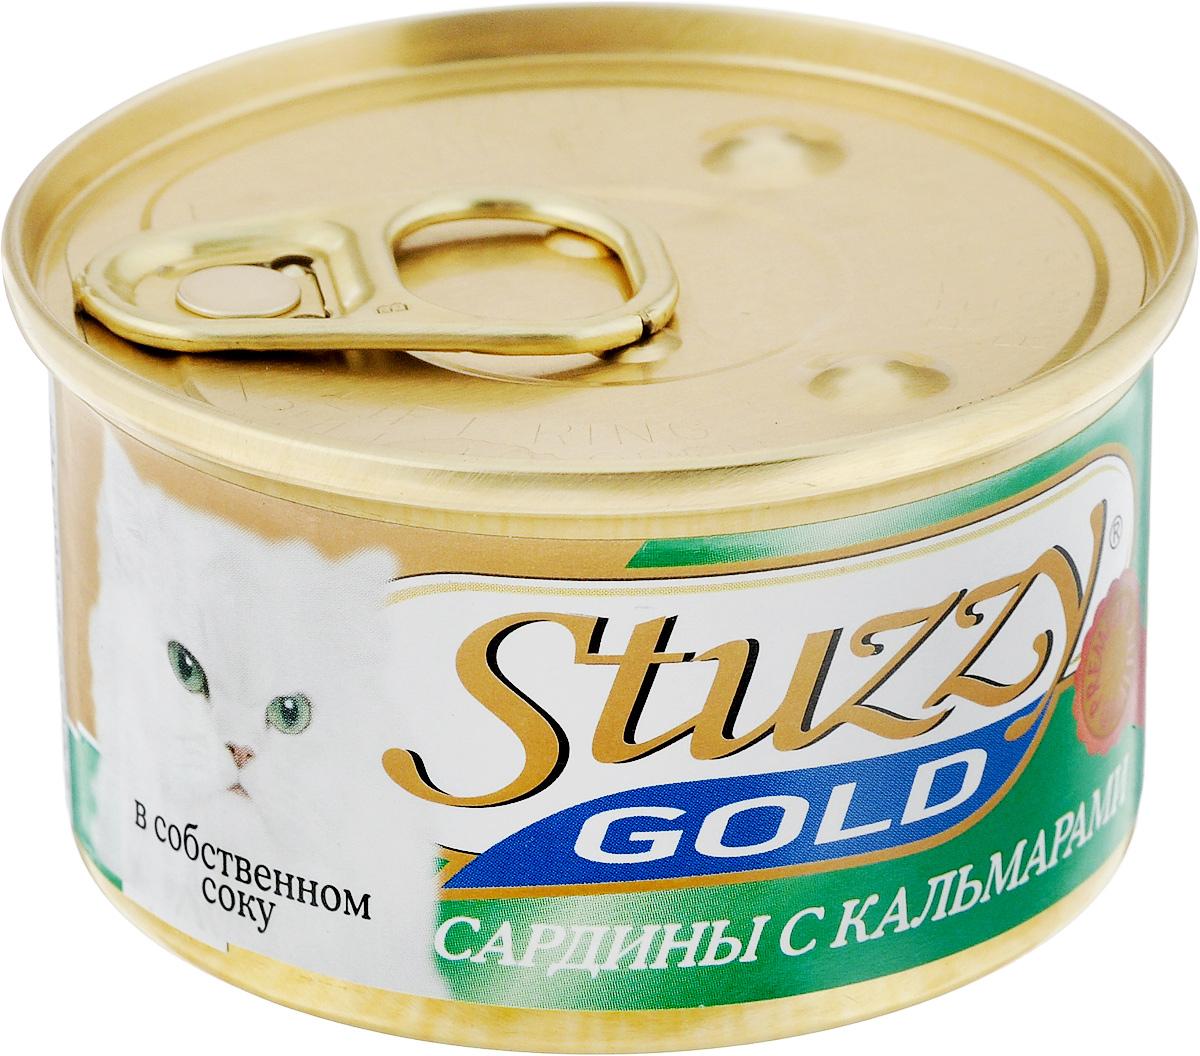 Консервы для взрослых кошек Stuzzy Gold, сардины с кальмарами в собственном соку, 85 г консервы для взрослых кошек stuzzy gold с кроликом 85 г